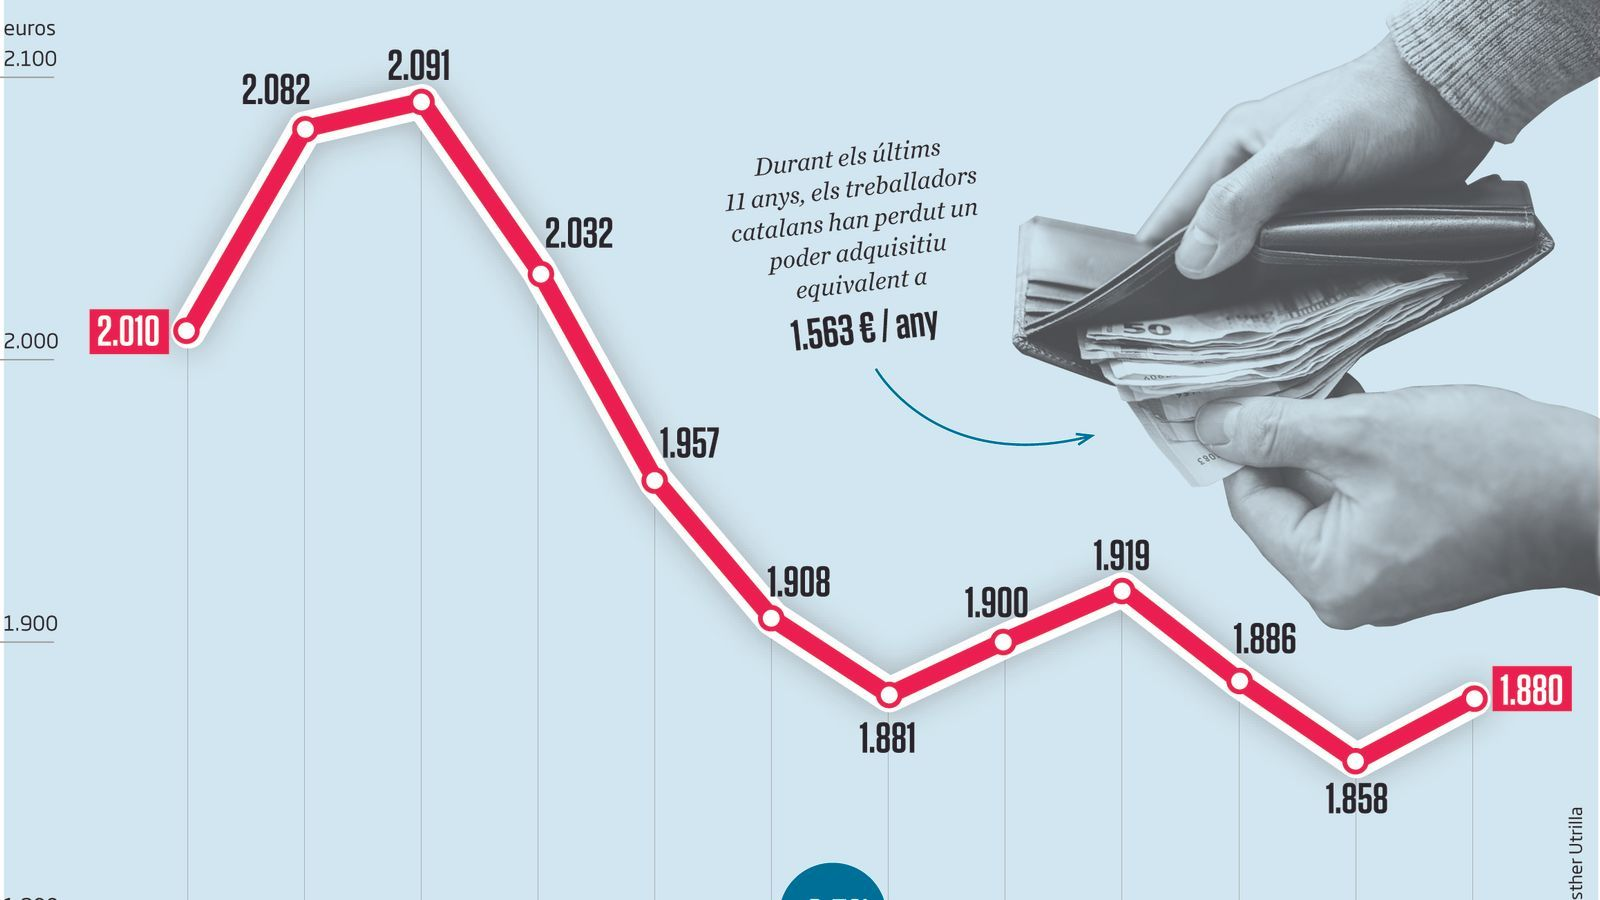 Salaris lluny del nivell precrisi: el sou real dels treballadors encara és un 6,5% inferior al 2008